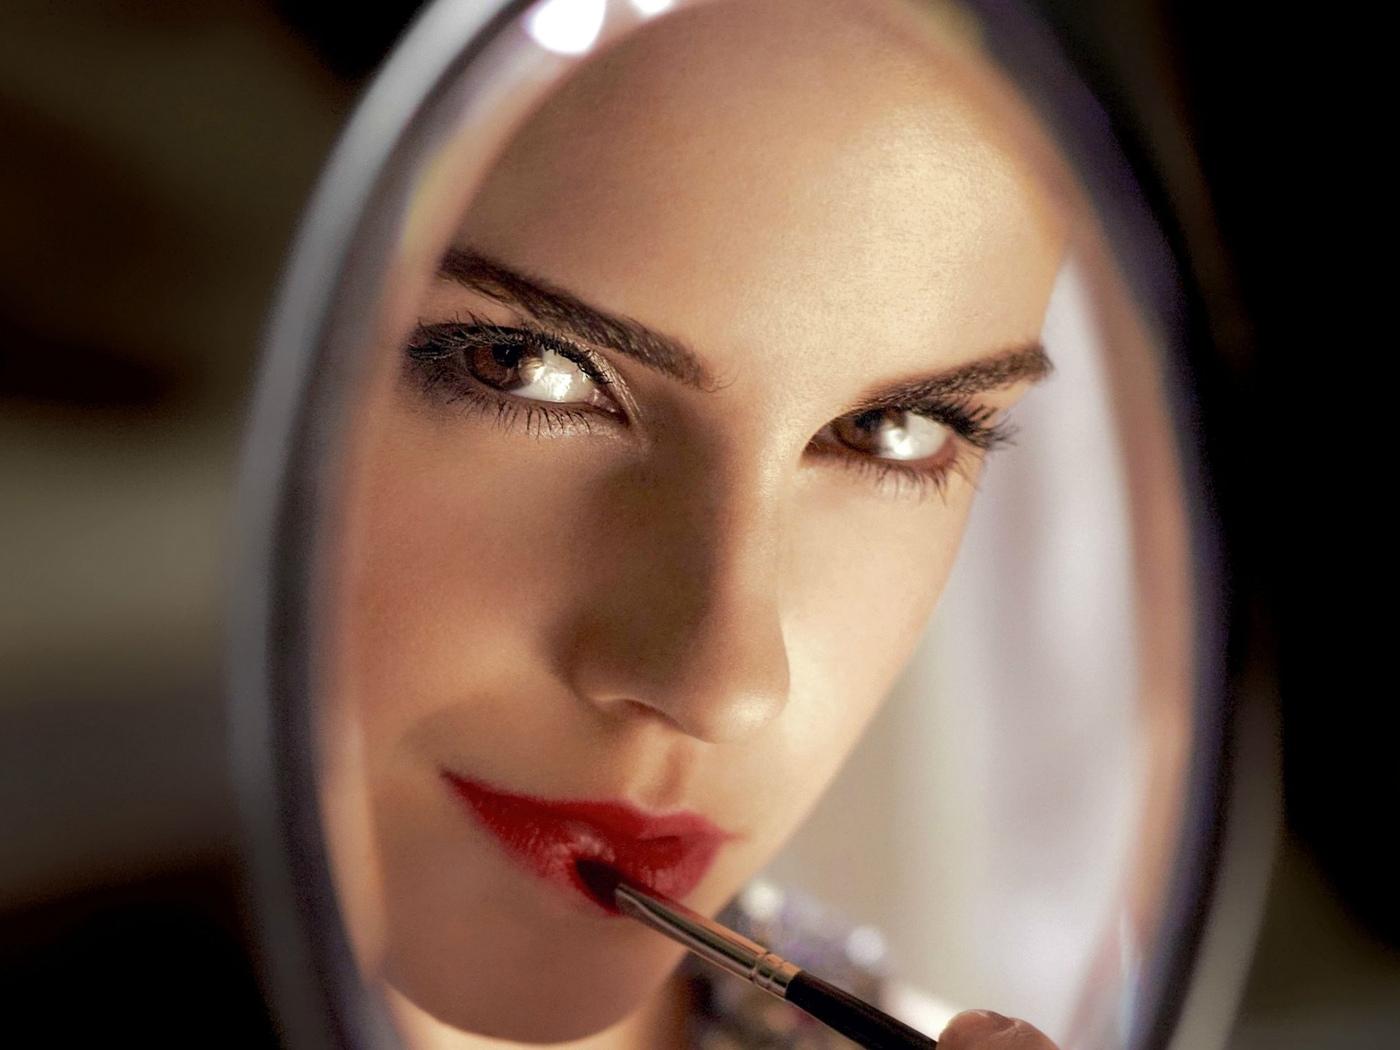 download beautiful emma watson - photo #7